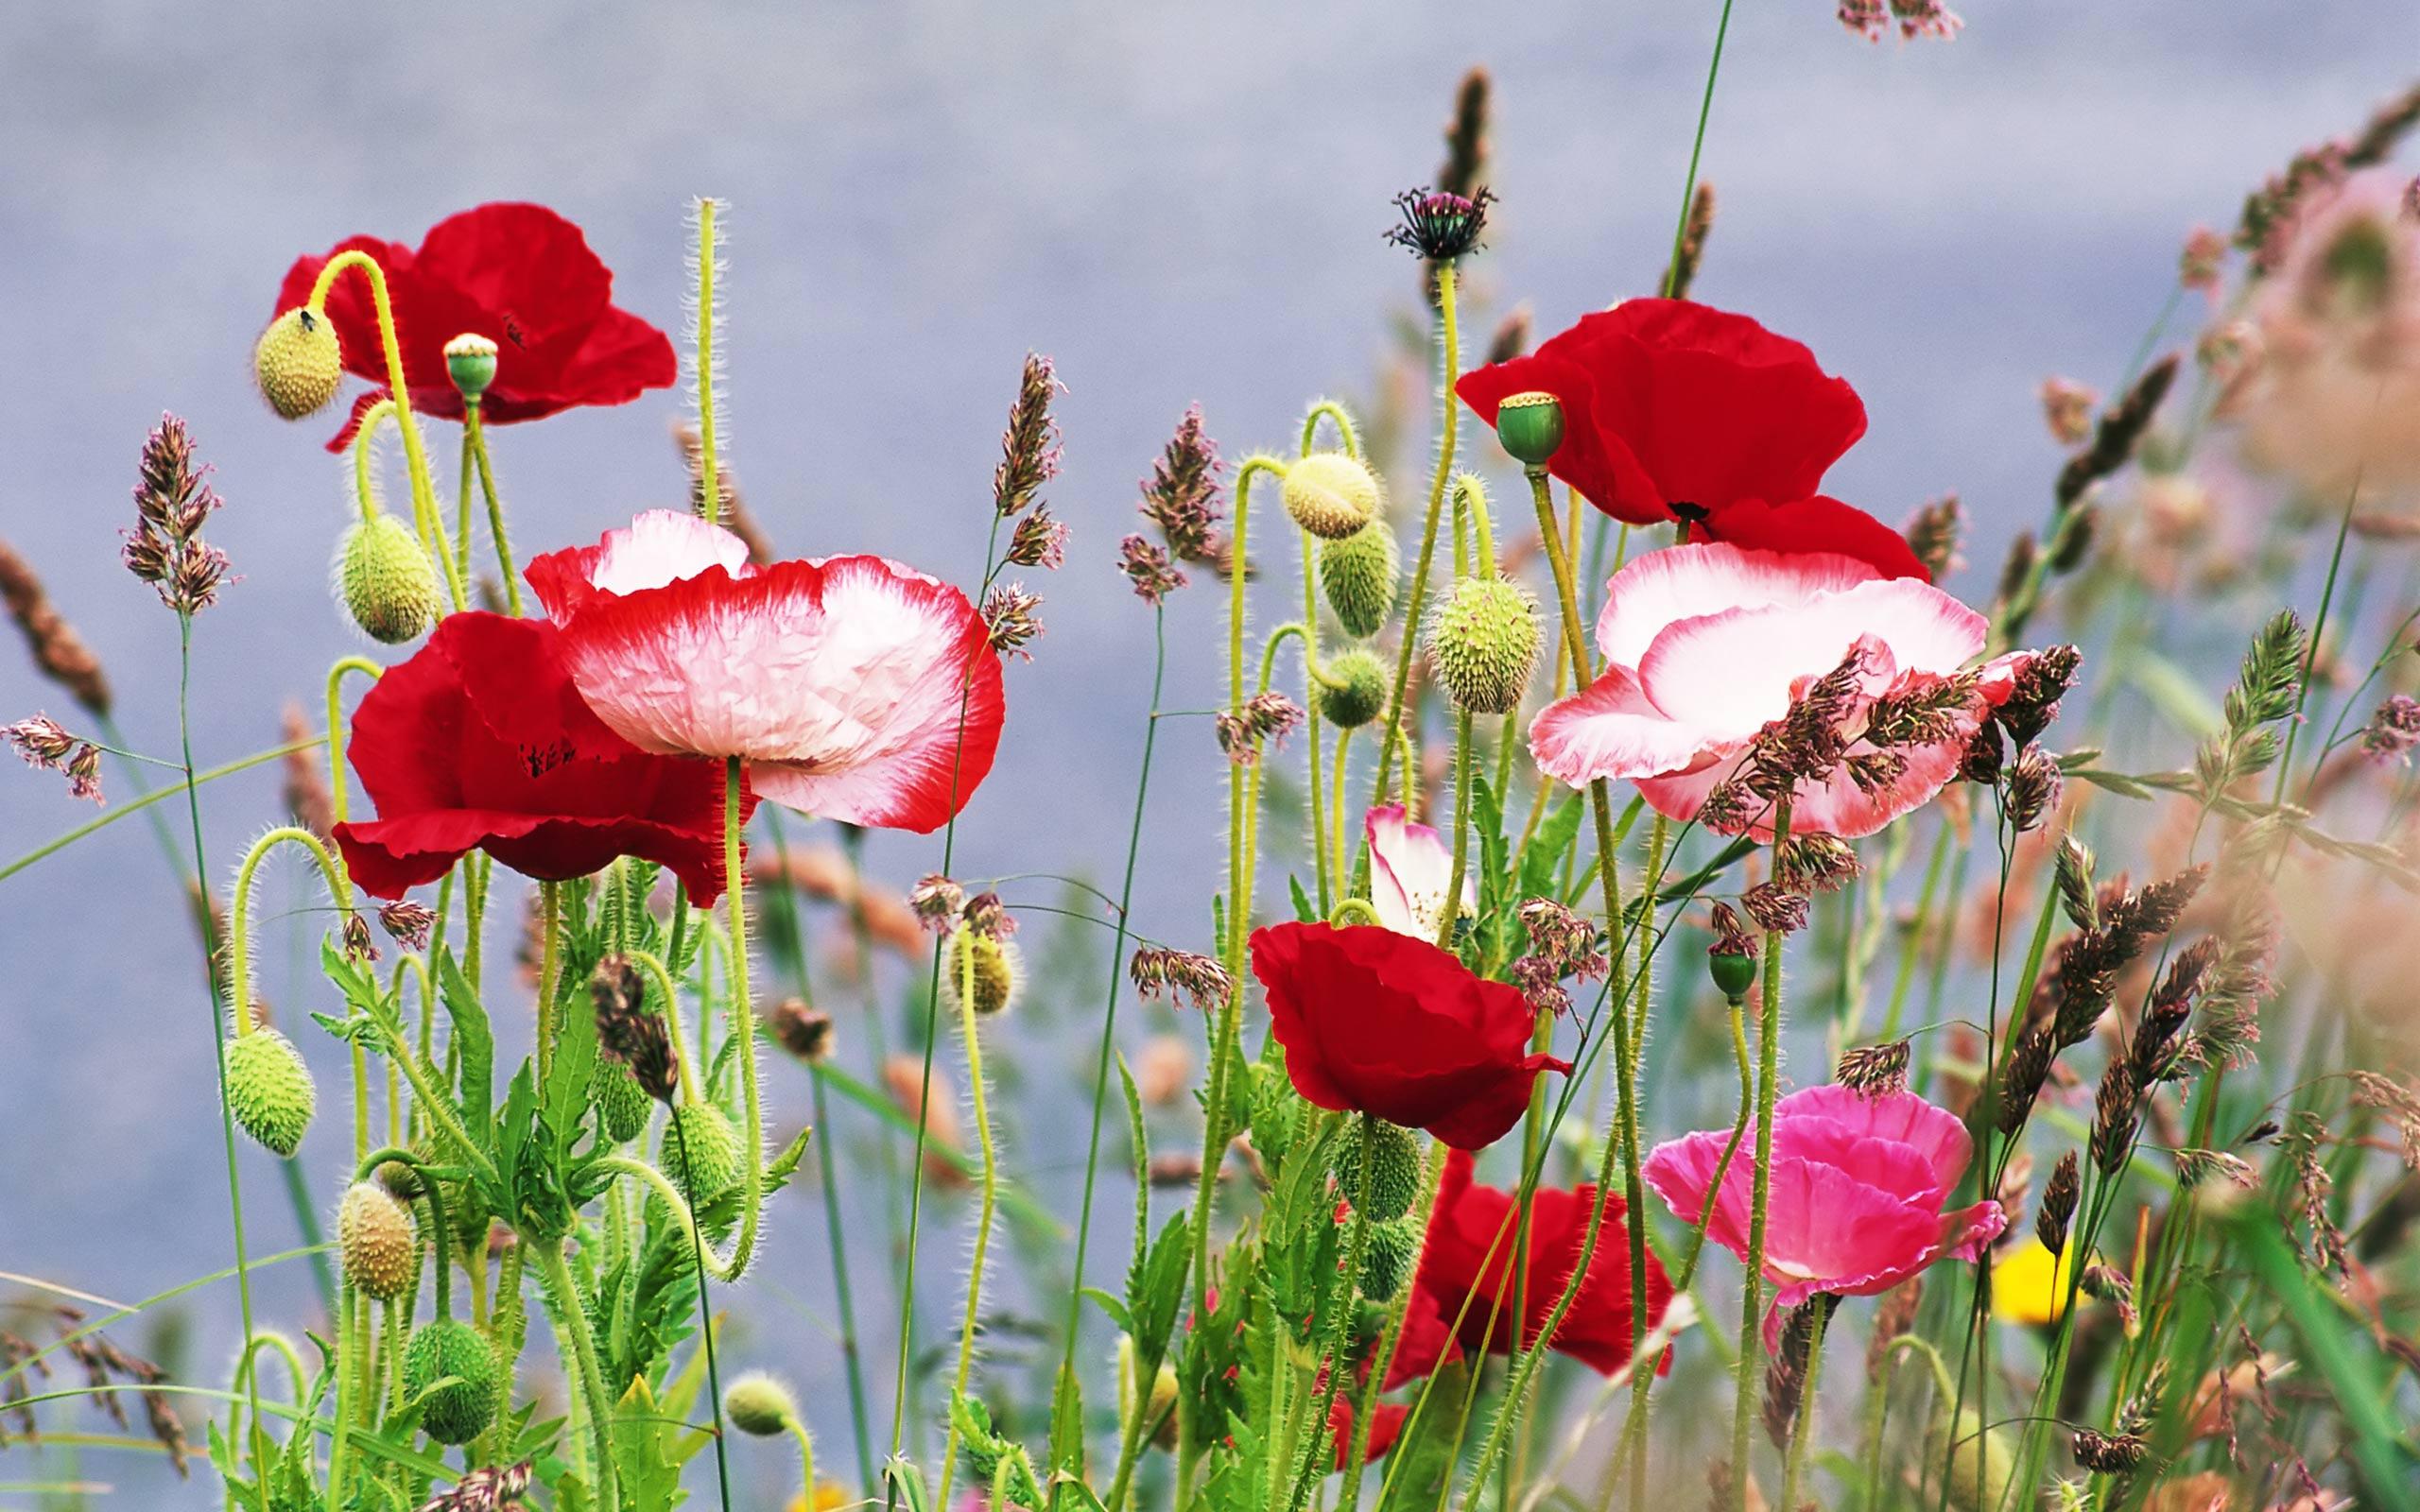 fresh life flowers poppy 542538 wallpaper wallpaper